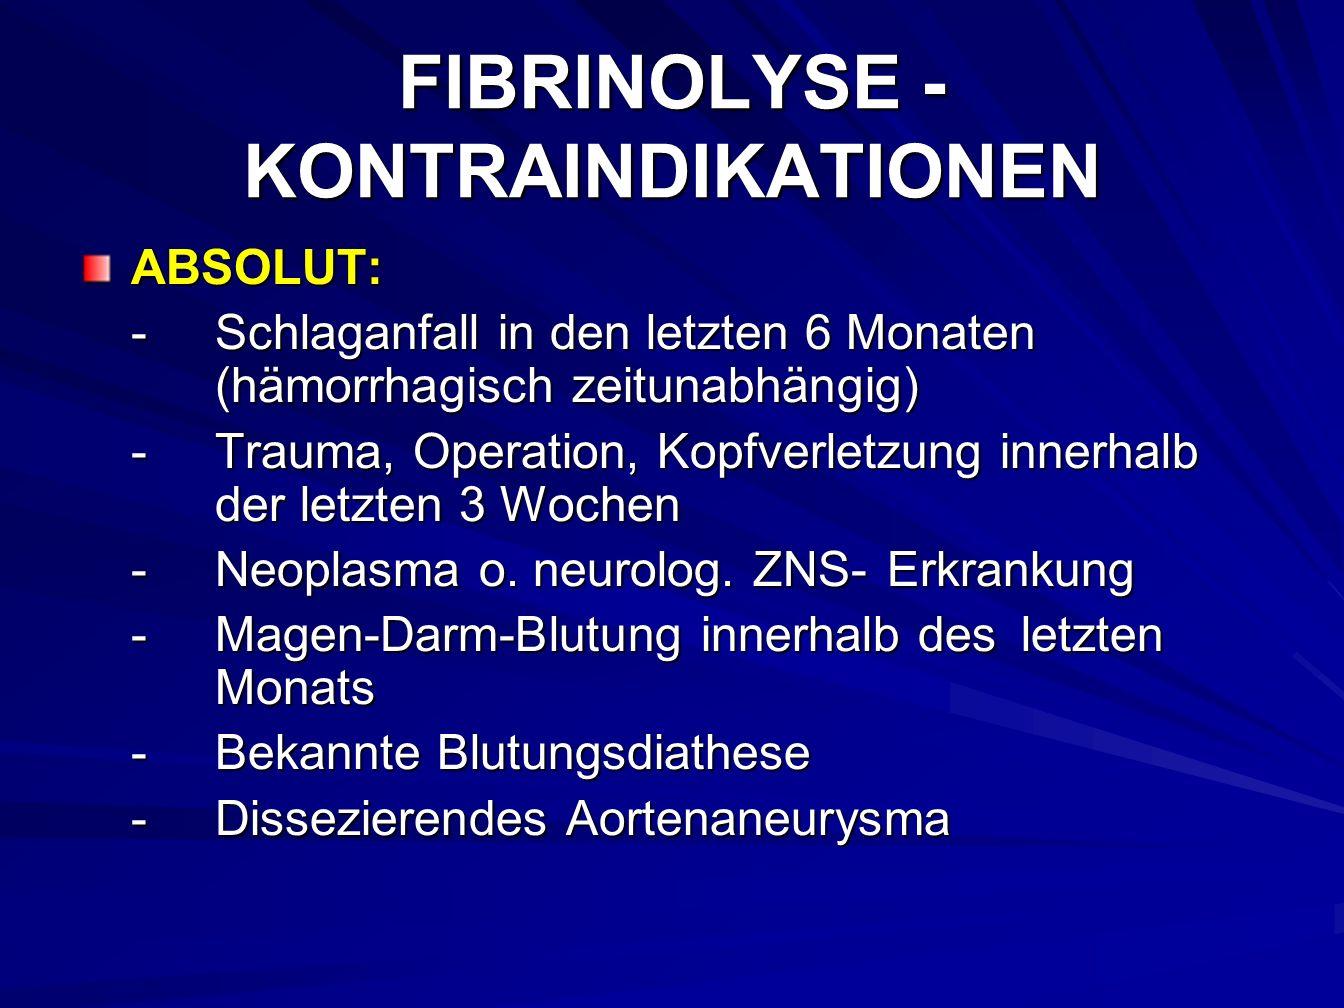 FIBRINOLYSE - KONTRAINDIKATIONEN ABSOLUT: -Schlaganfall in den letzten 6 Monaten (hämorrhagisch zeitunabhängig) -Trauma, Operation, Kopfverletzung innerhalb der letzten 3 Wochen -Neoplasma o.